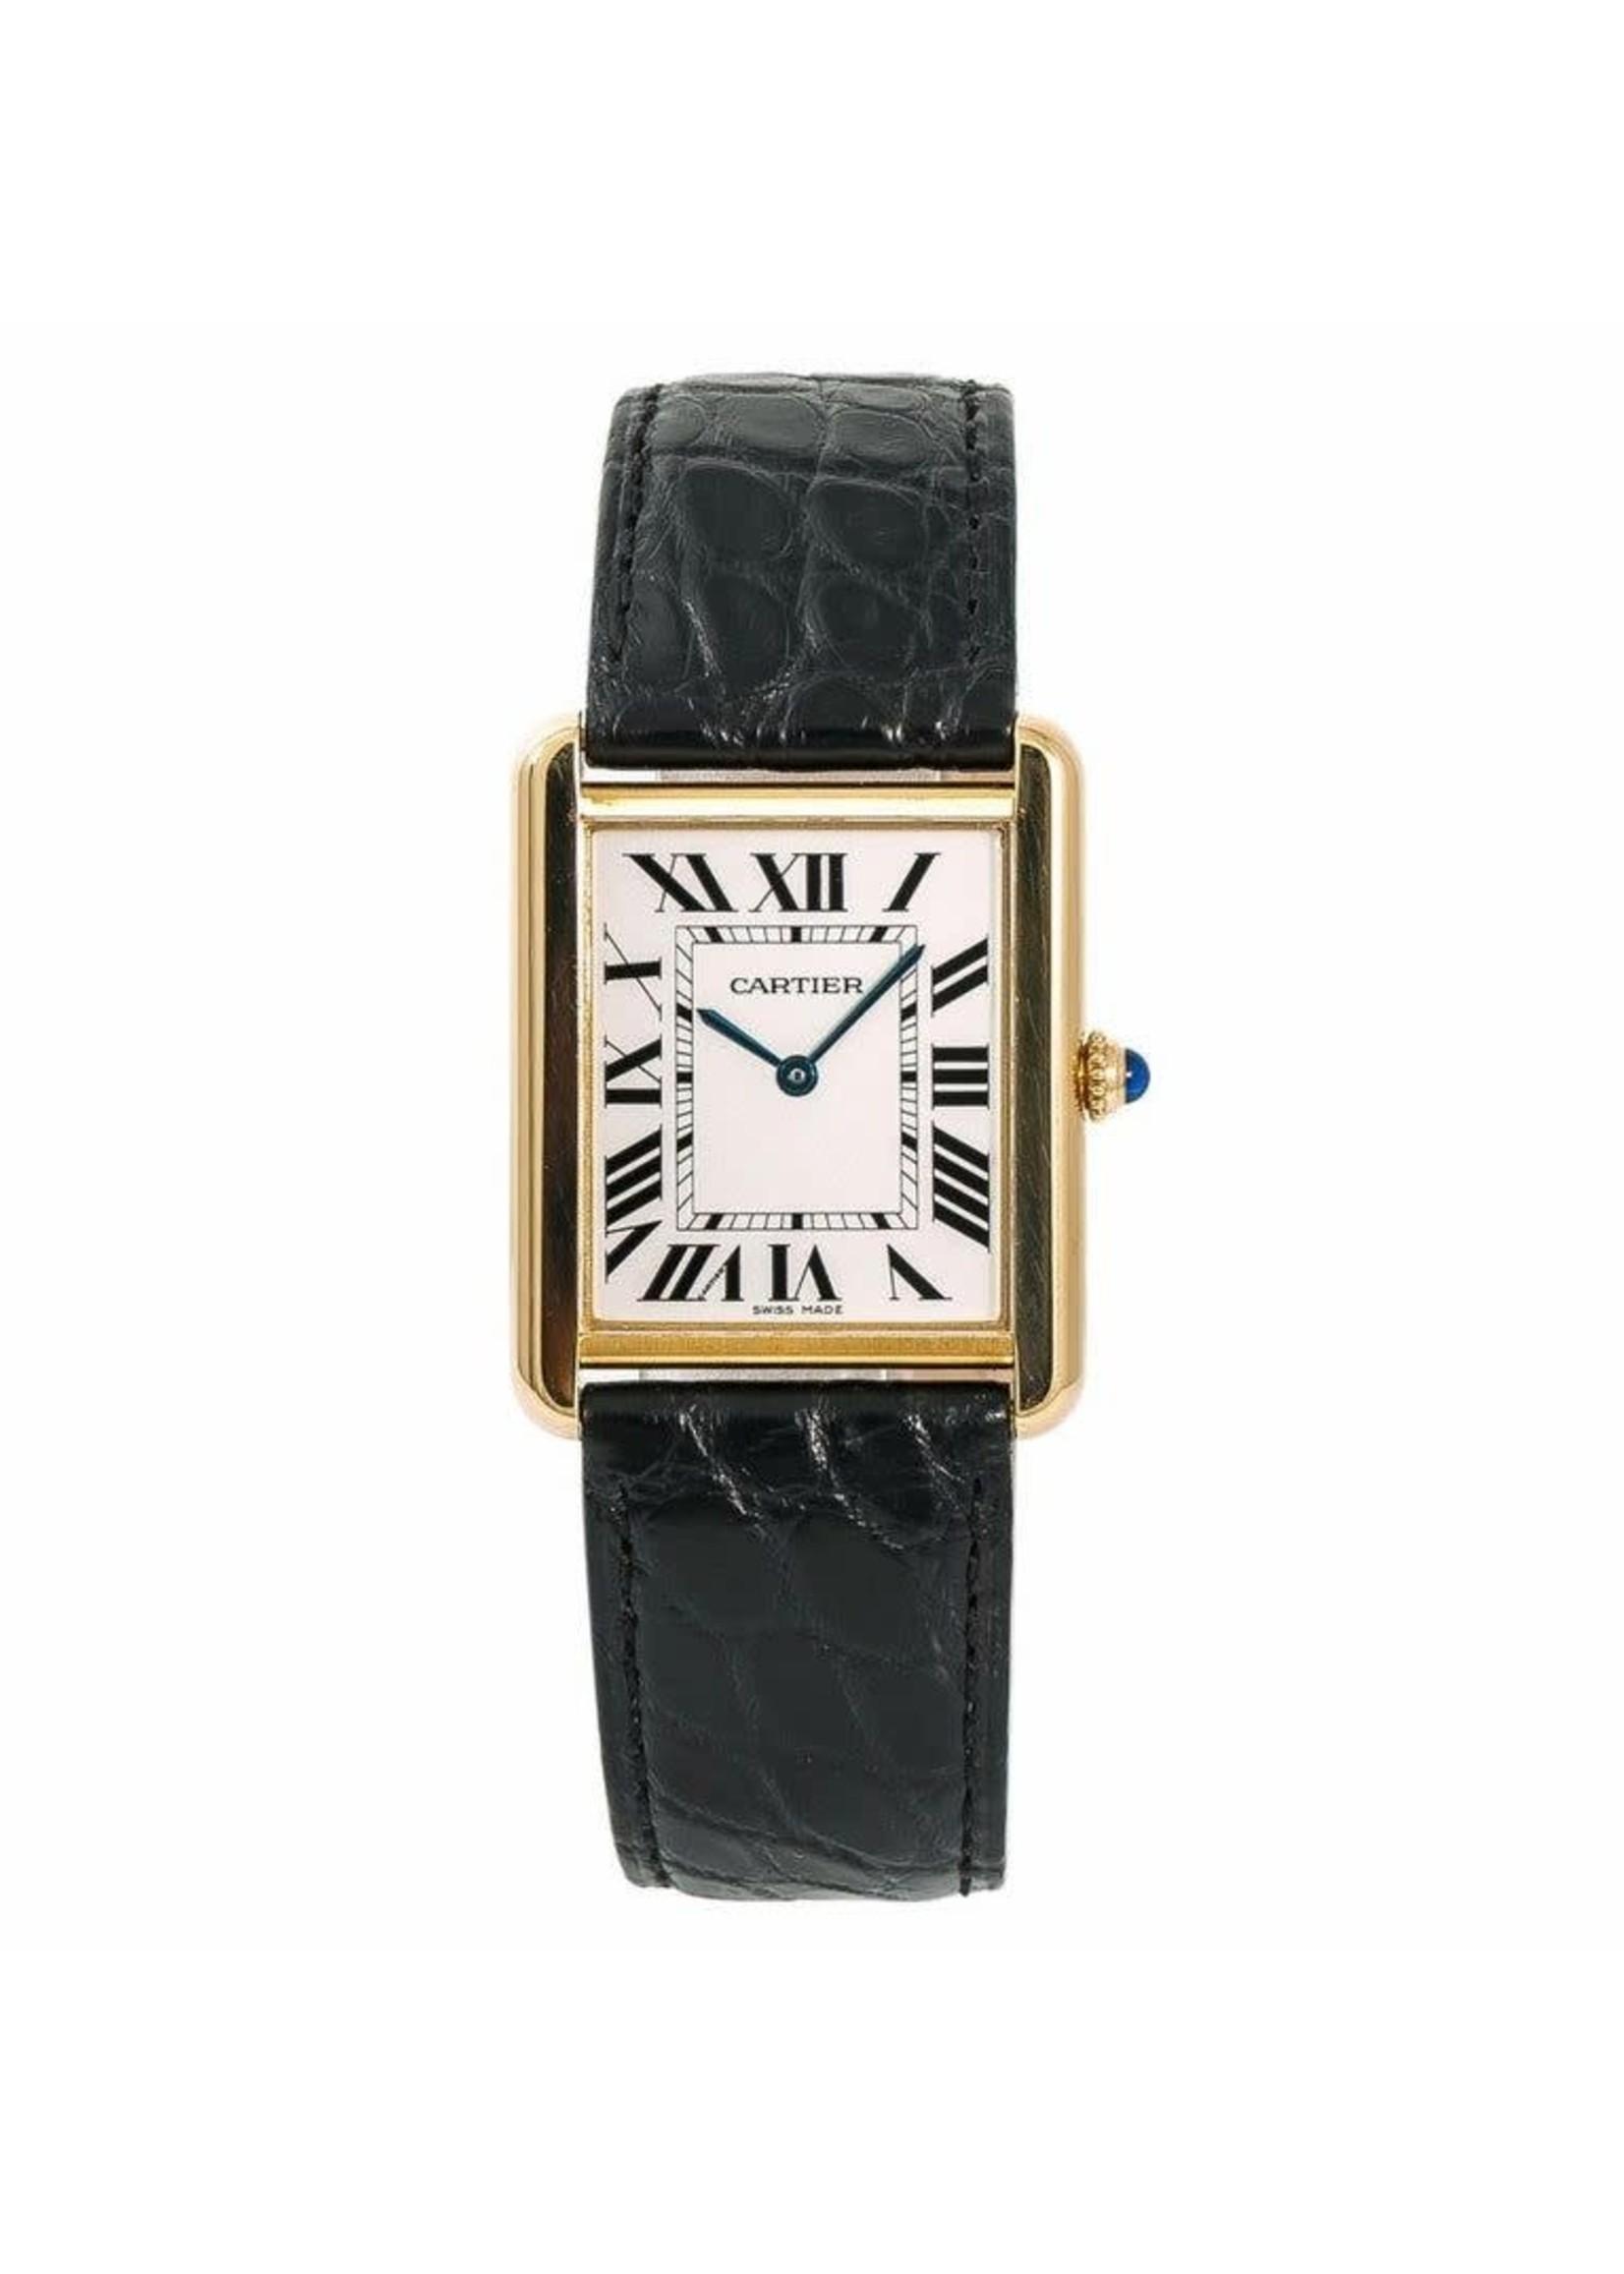 Cartier CARTIER TANK SOLO LARGE SIZE (B+SP 2013) #2742